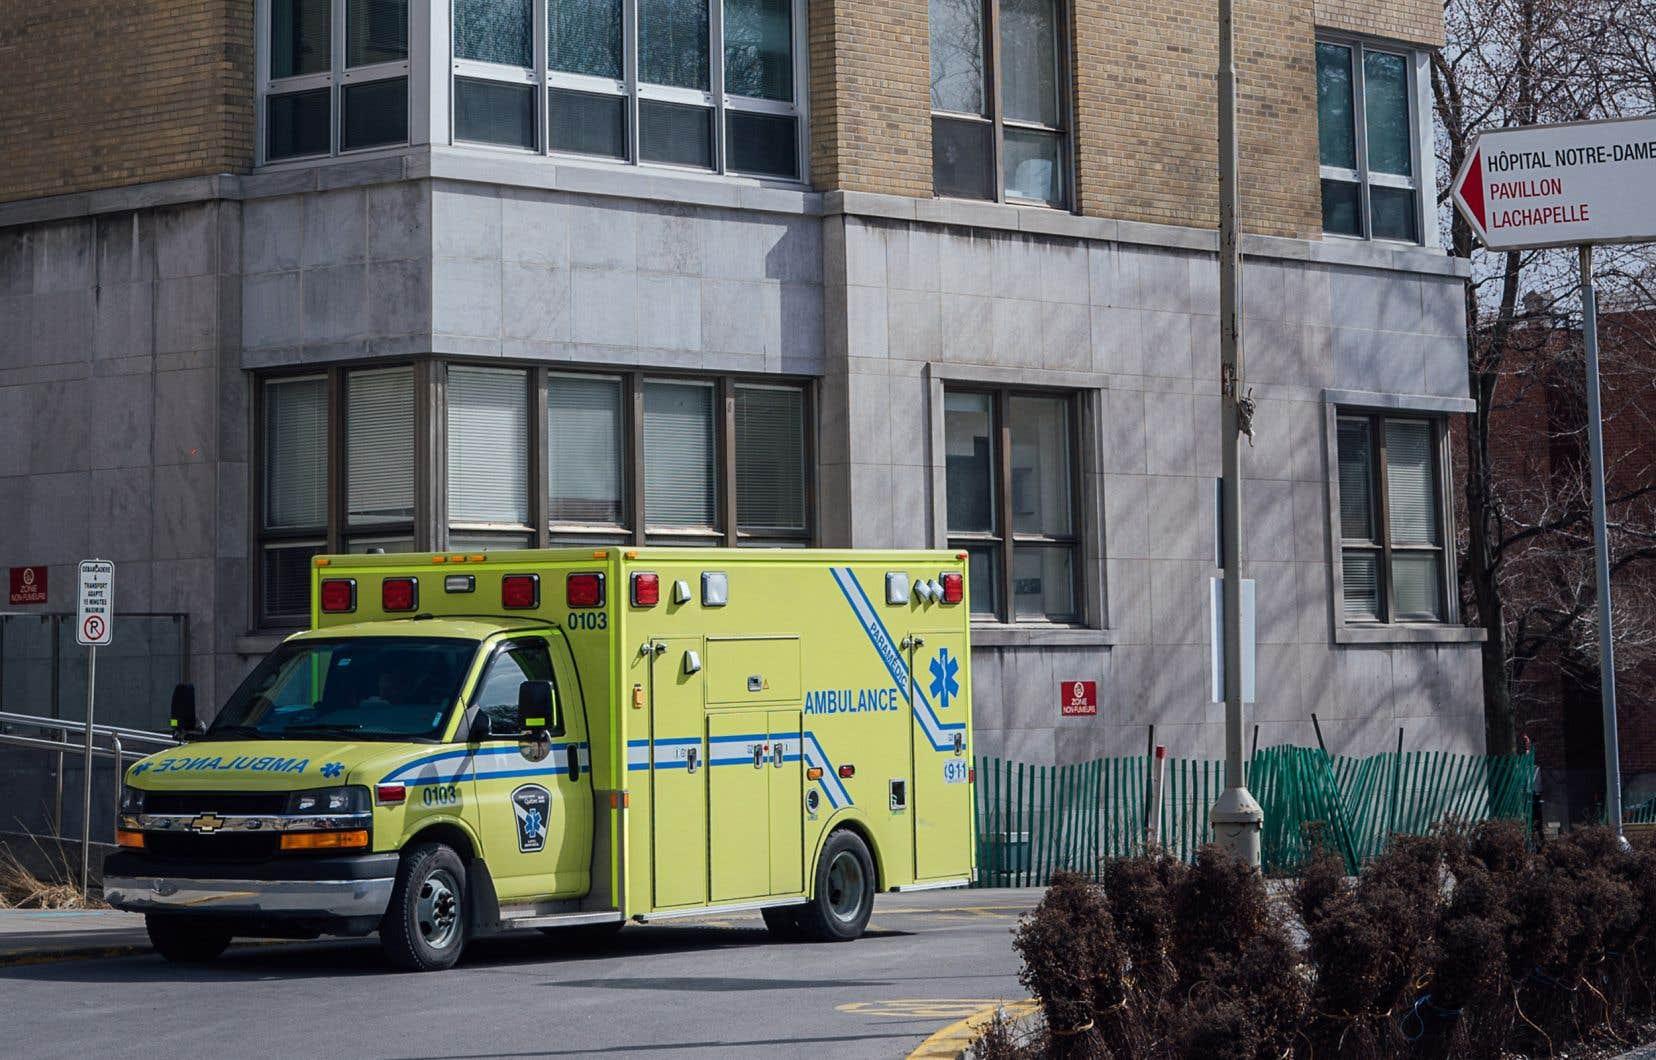 L'hôpital Notre-Dame a quitté le giron du CHUM à l'automne 2017.